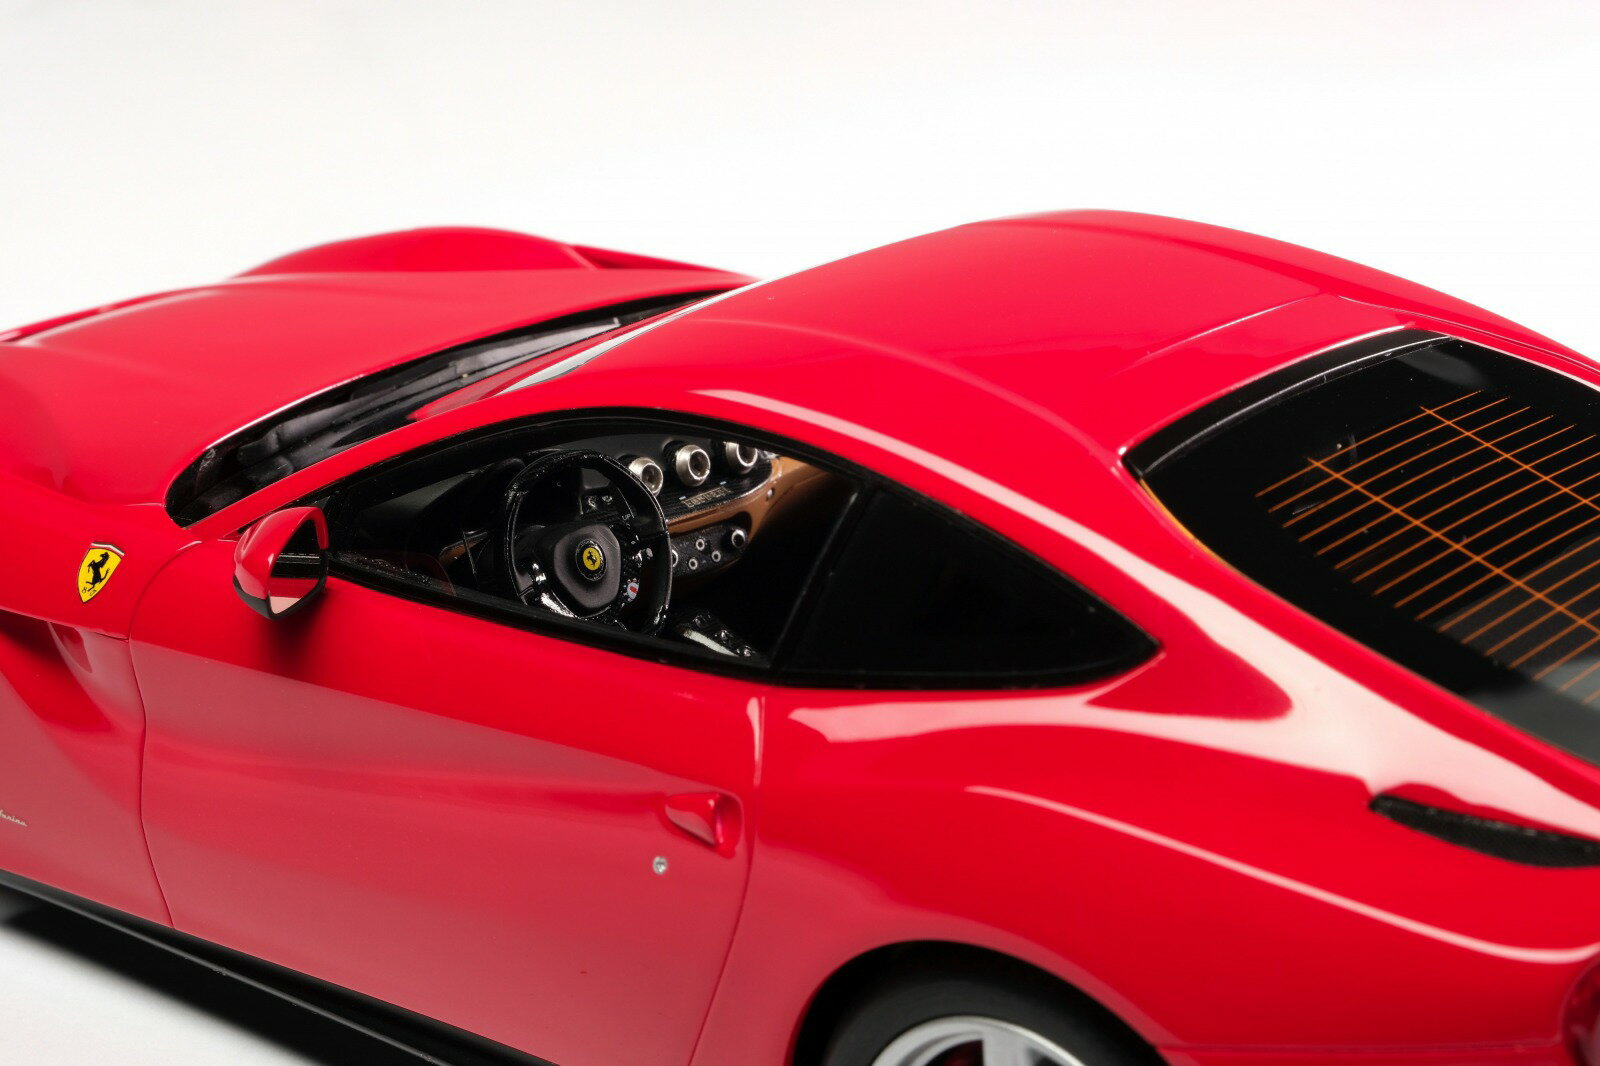 Amalgam Collection 1:18スケール レジンモデル 2012年モデル フェラーリ F12 Berlinetta Rosso Corsa レッド2012 Ferrari F12 Berlinetta 1/18 Rosso Corsa red by Amalgam Collection